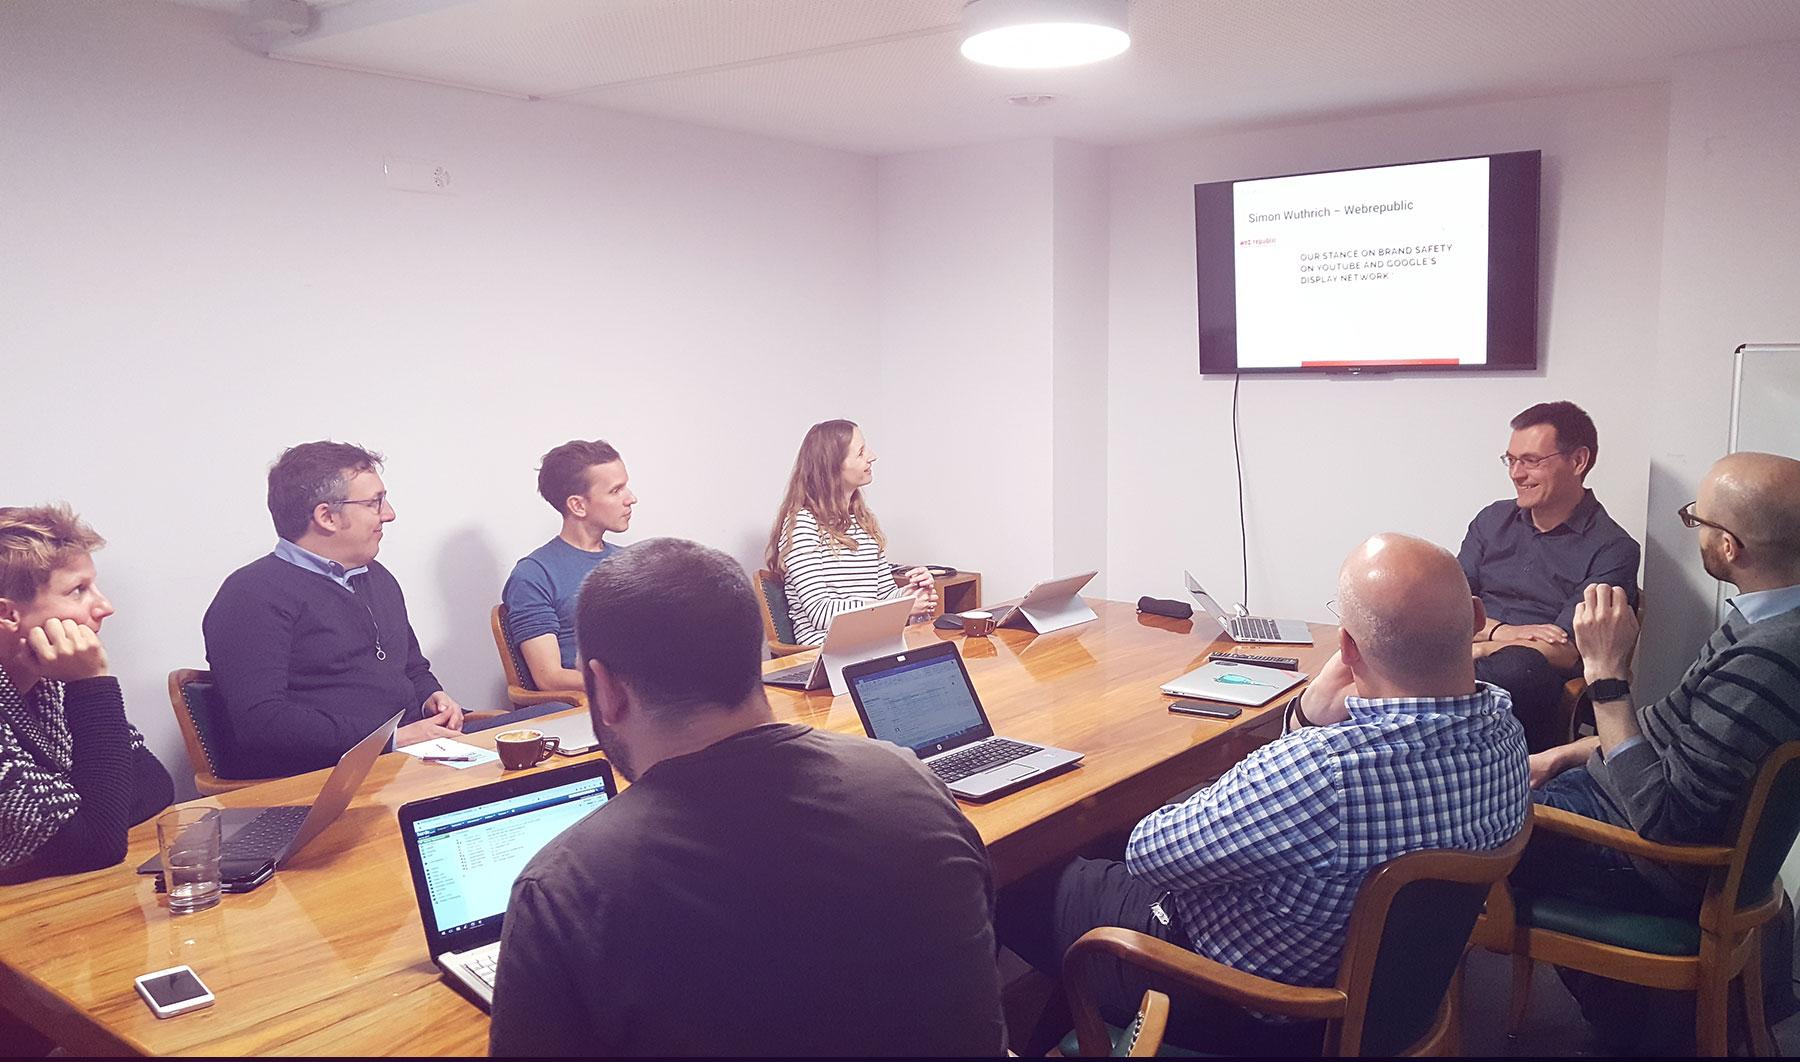 Teilnehmer am Content Production Day diskutieren übers Kuratieren